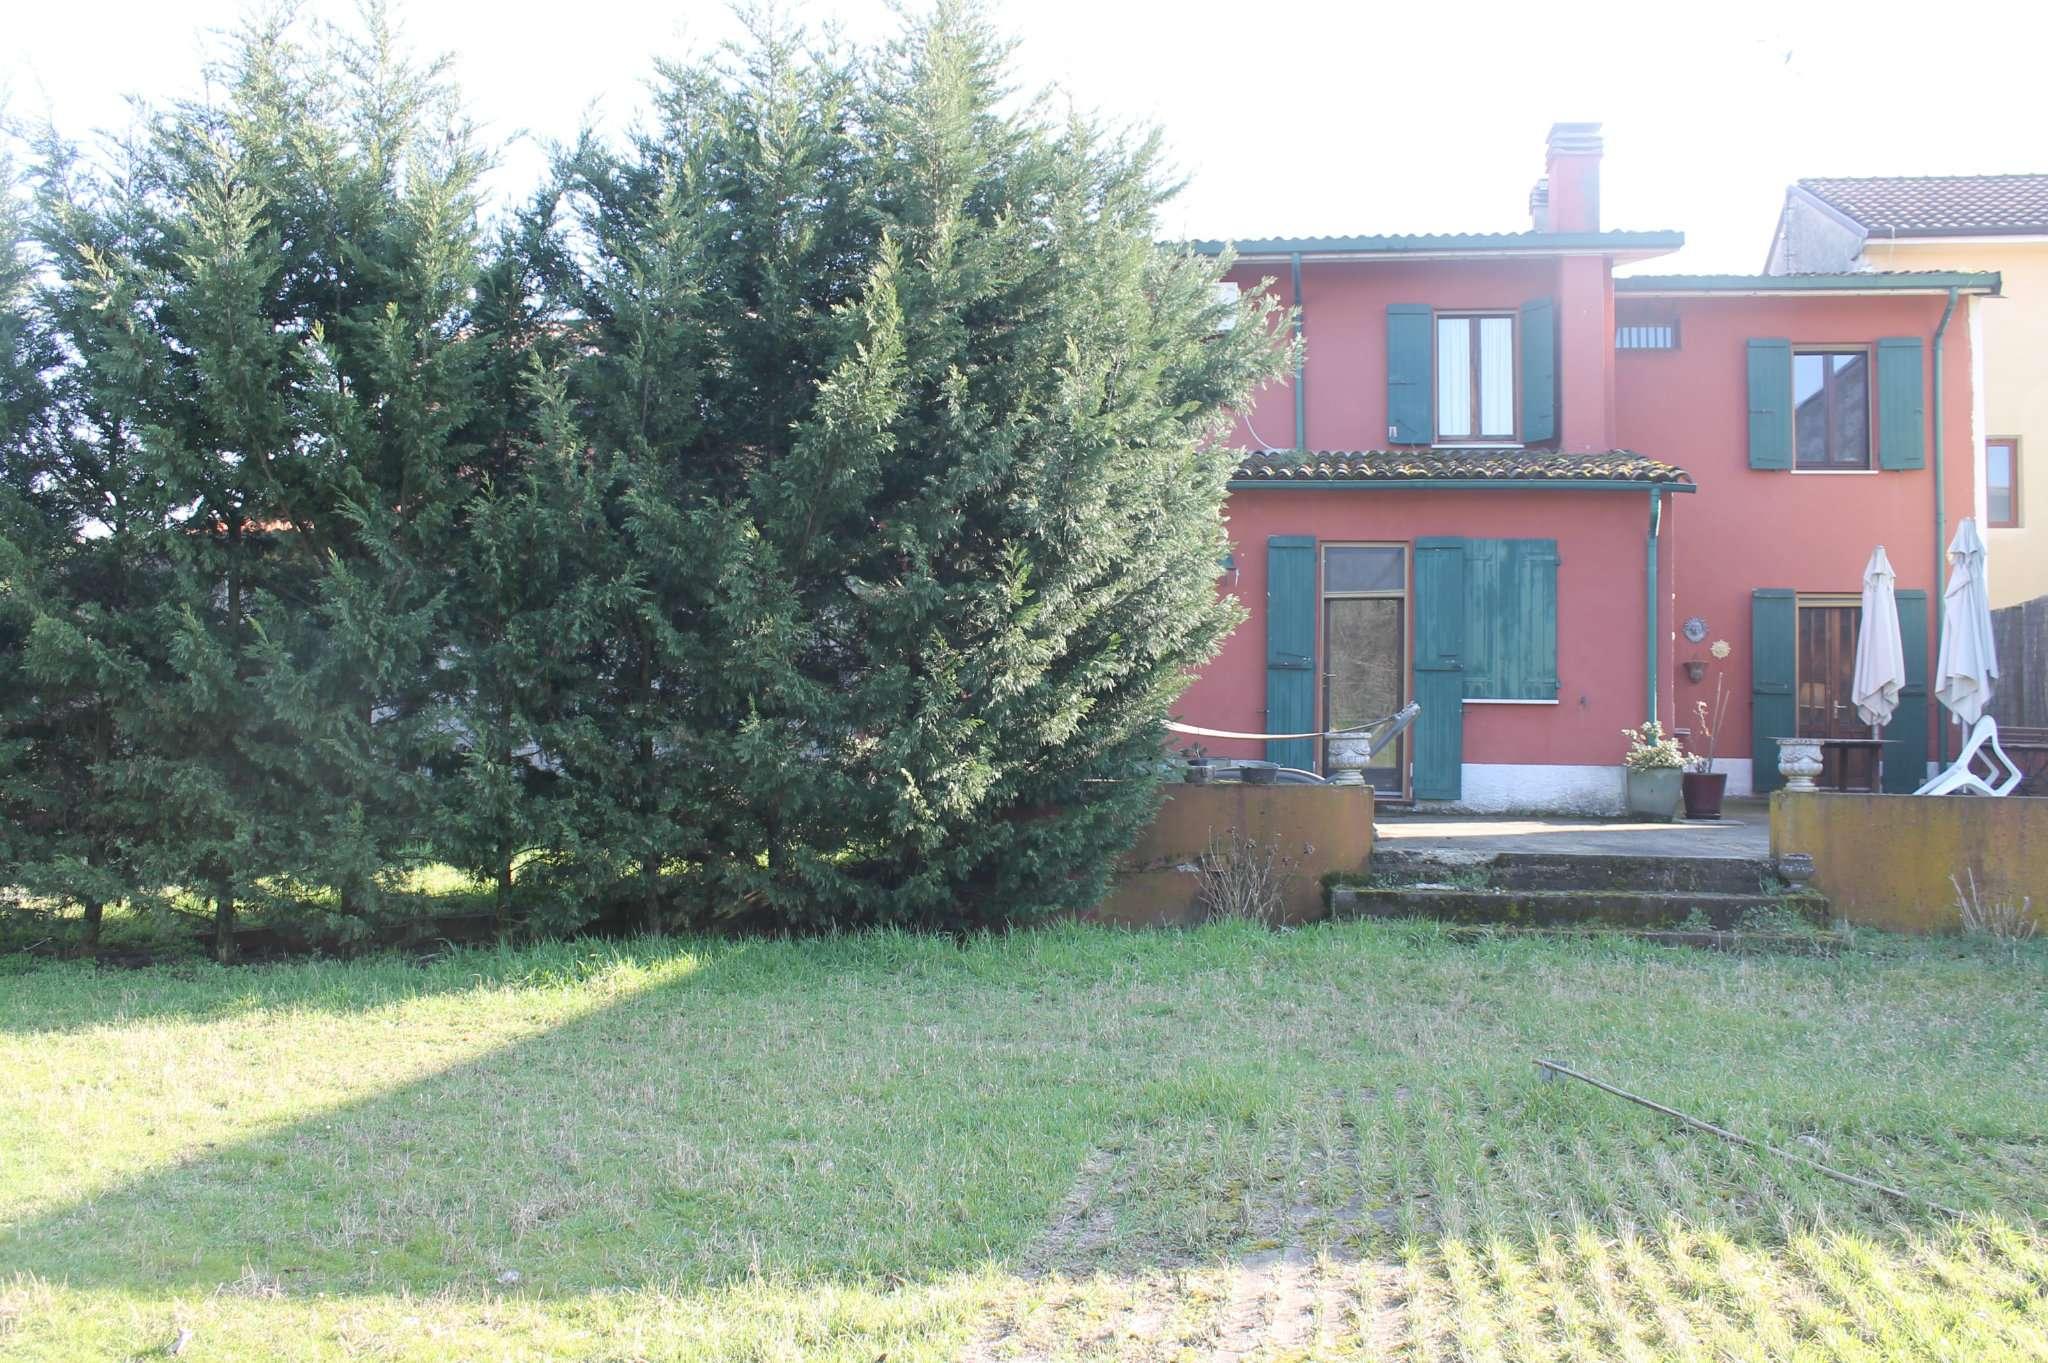 Rustico / Casale in vendita a Pieve Albignola, 8 locali, prezzo € 146.000   PortaleAgenzieImmobiliari.it